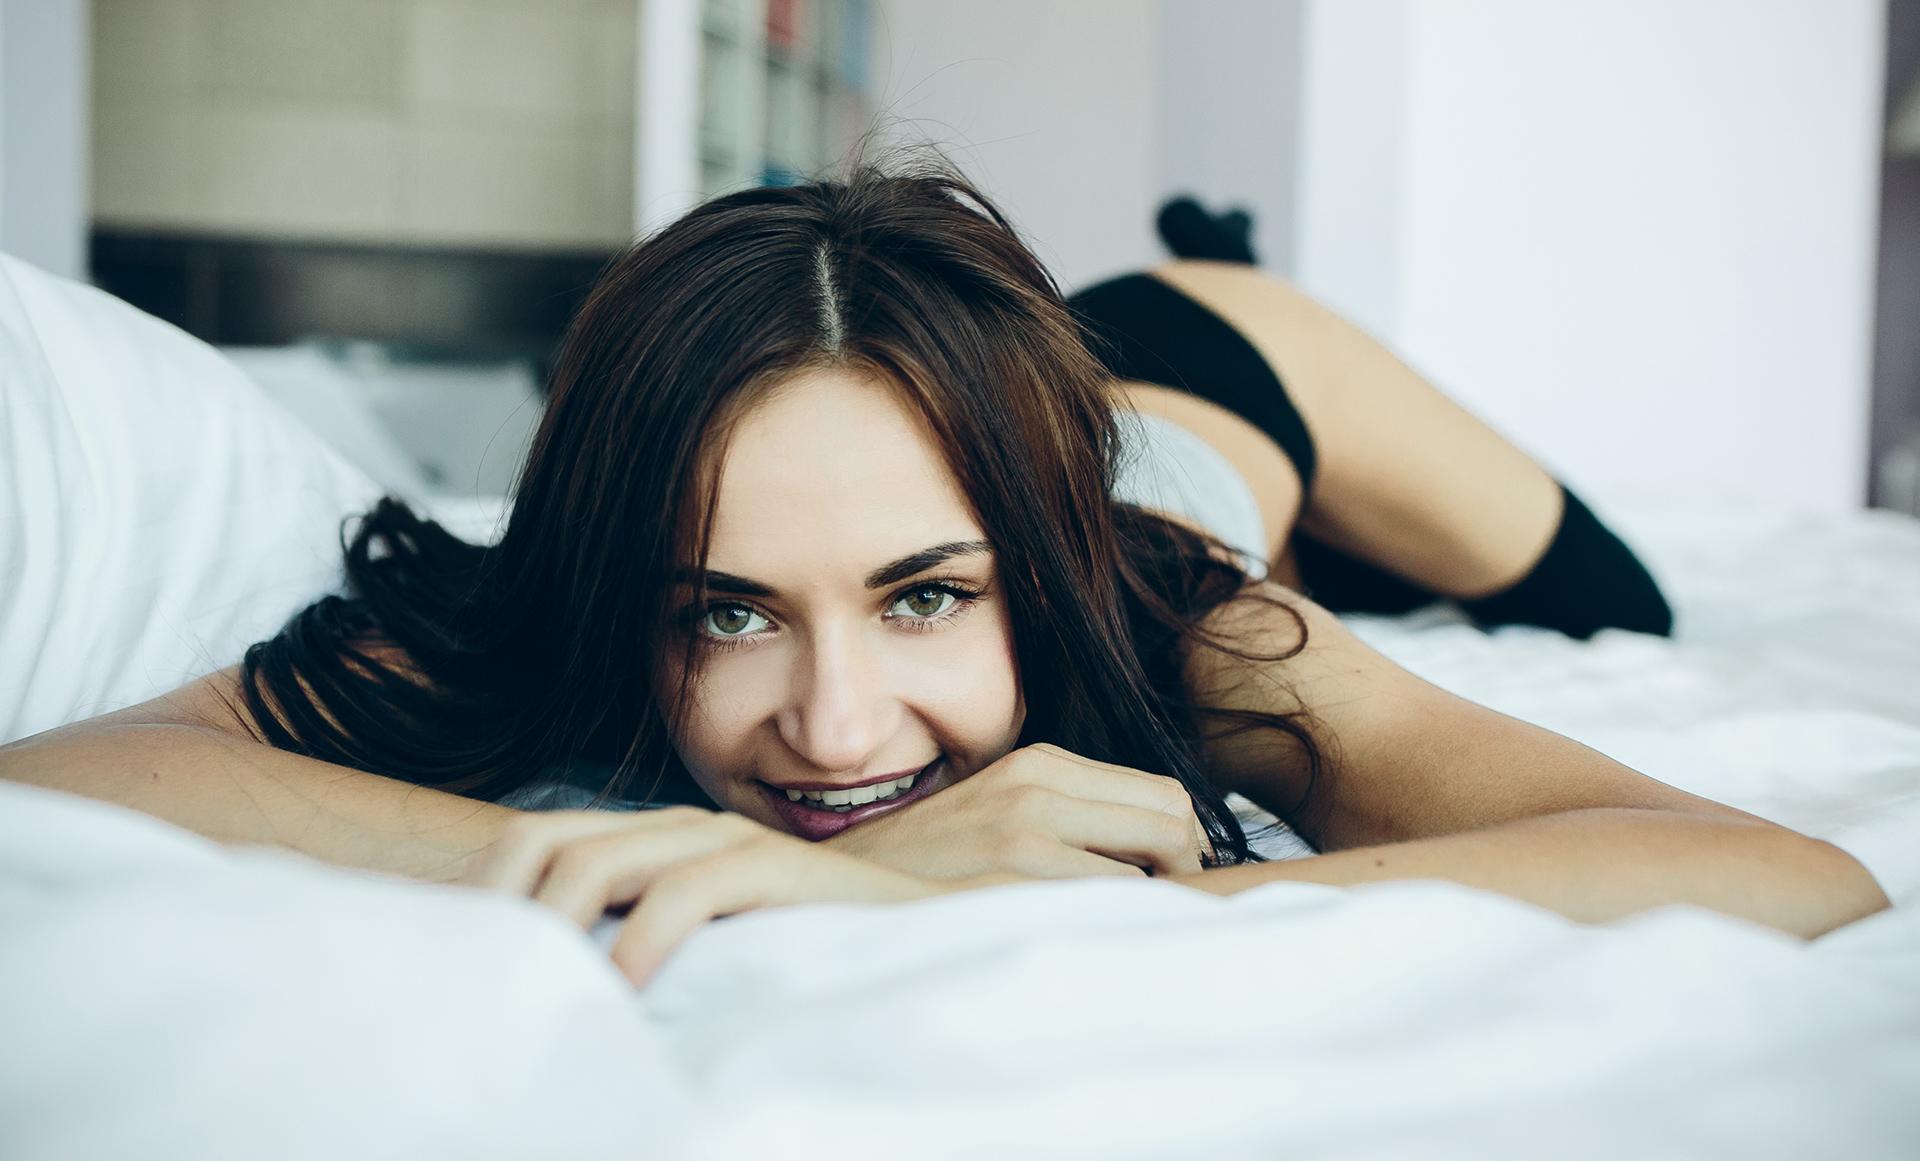 Le sourire sexy, un outil de séduction